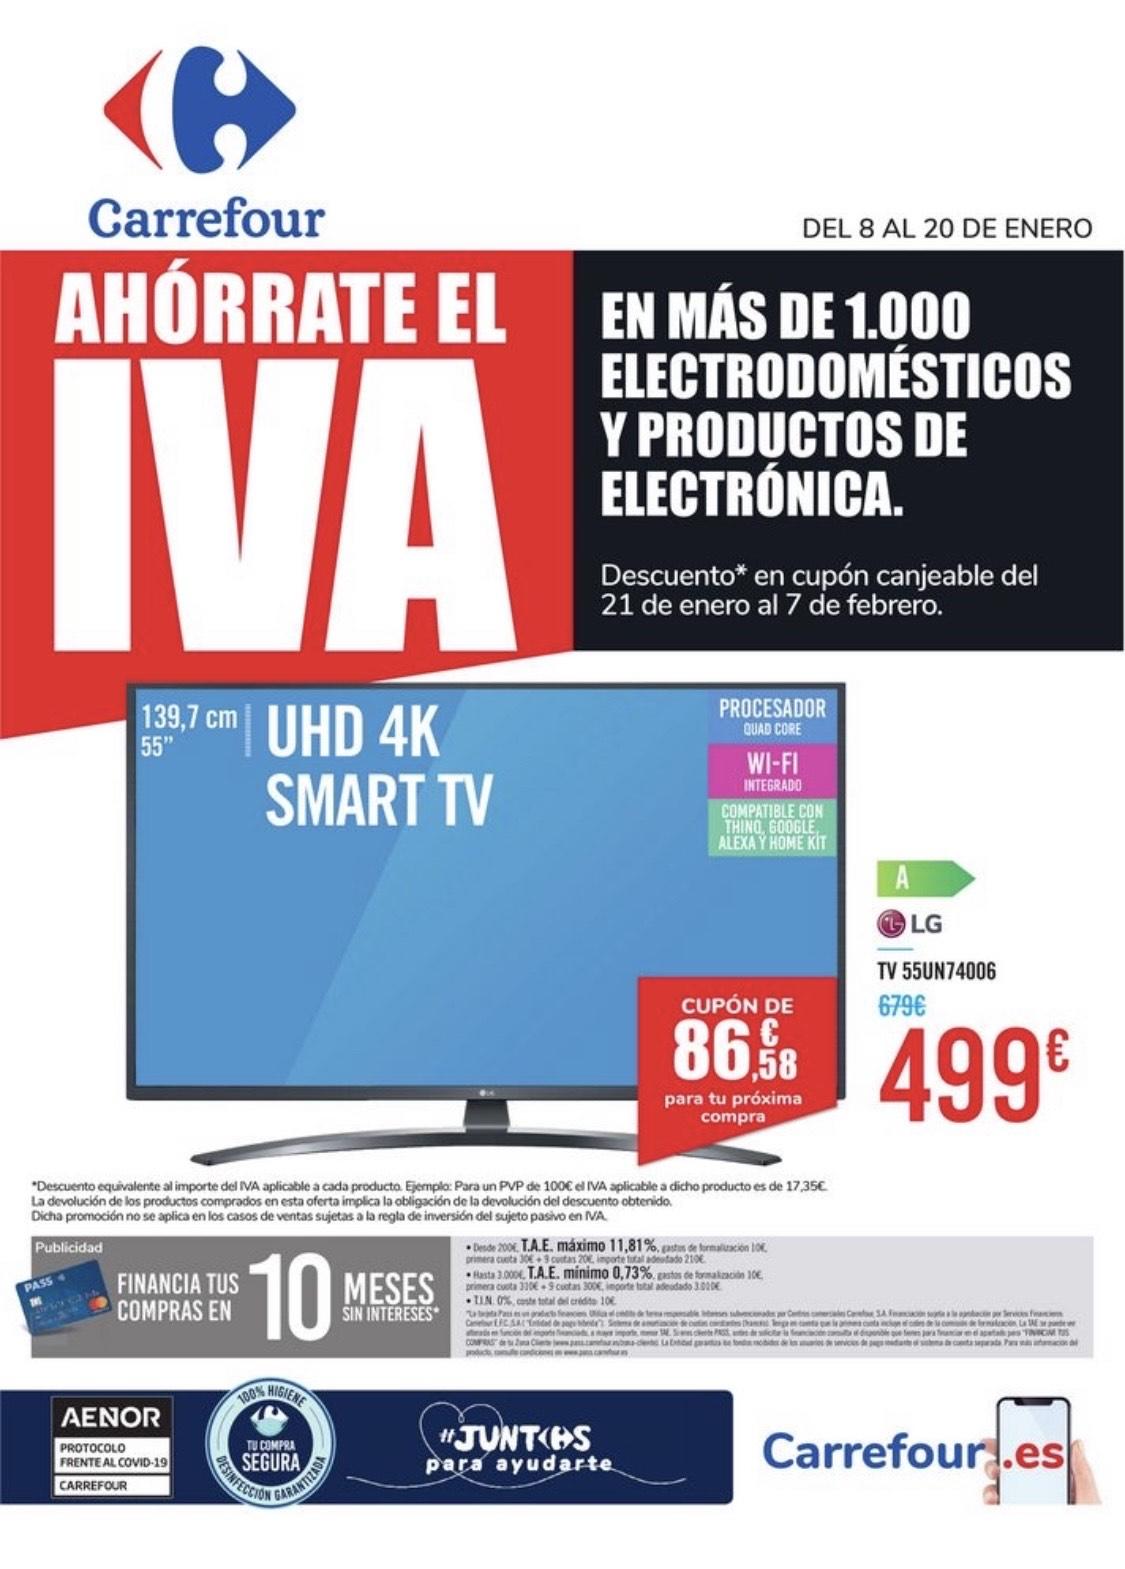 Ahórrate el IVA en electrodomésticos y electrónica - Carrefour